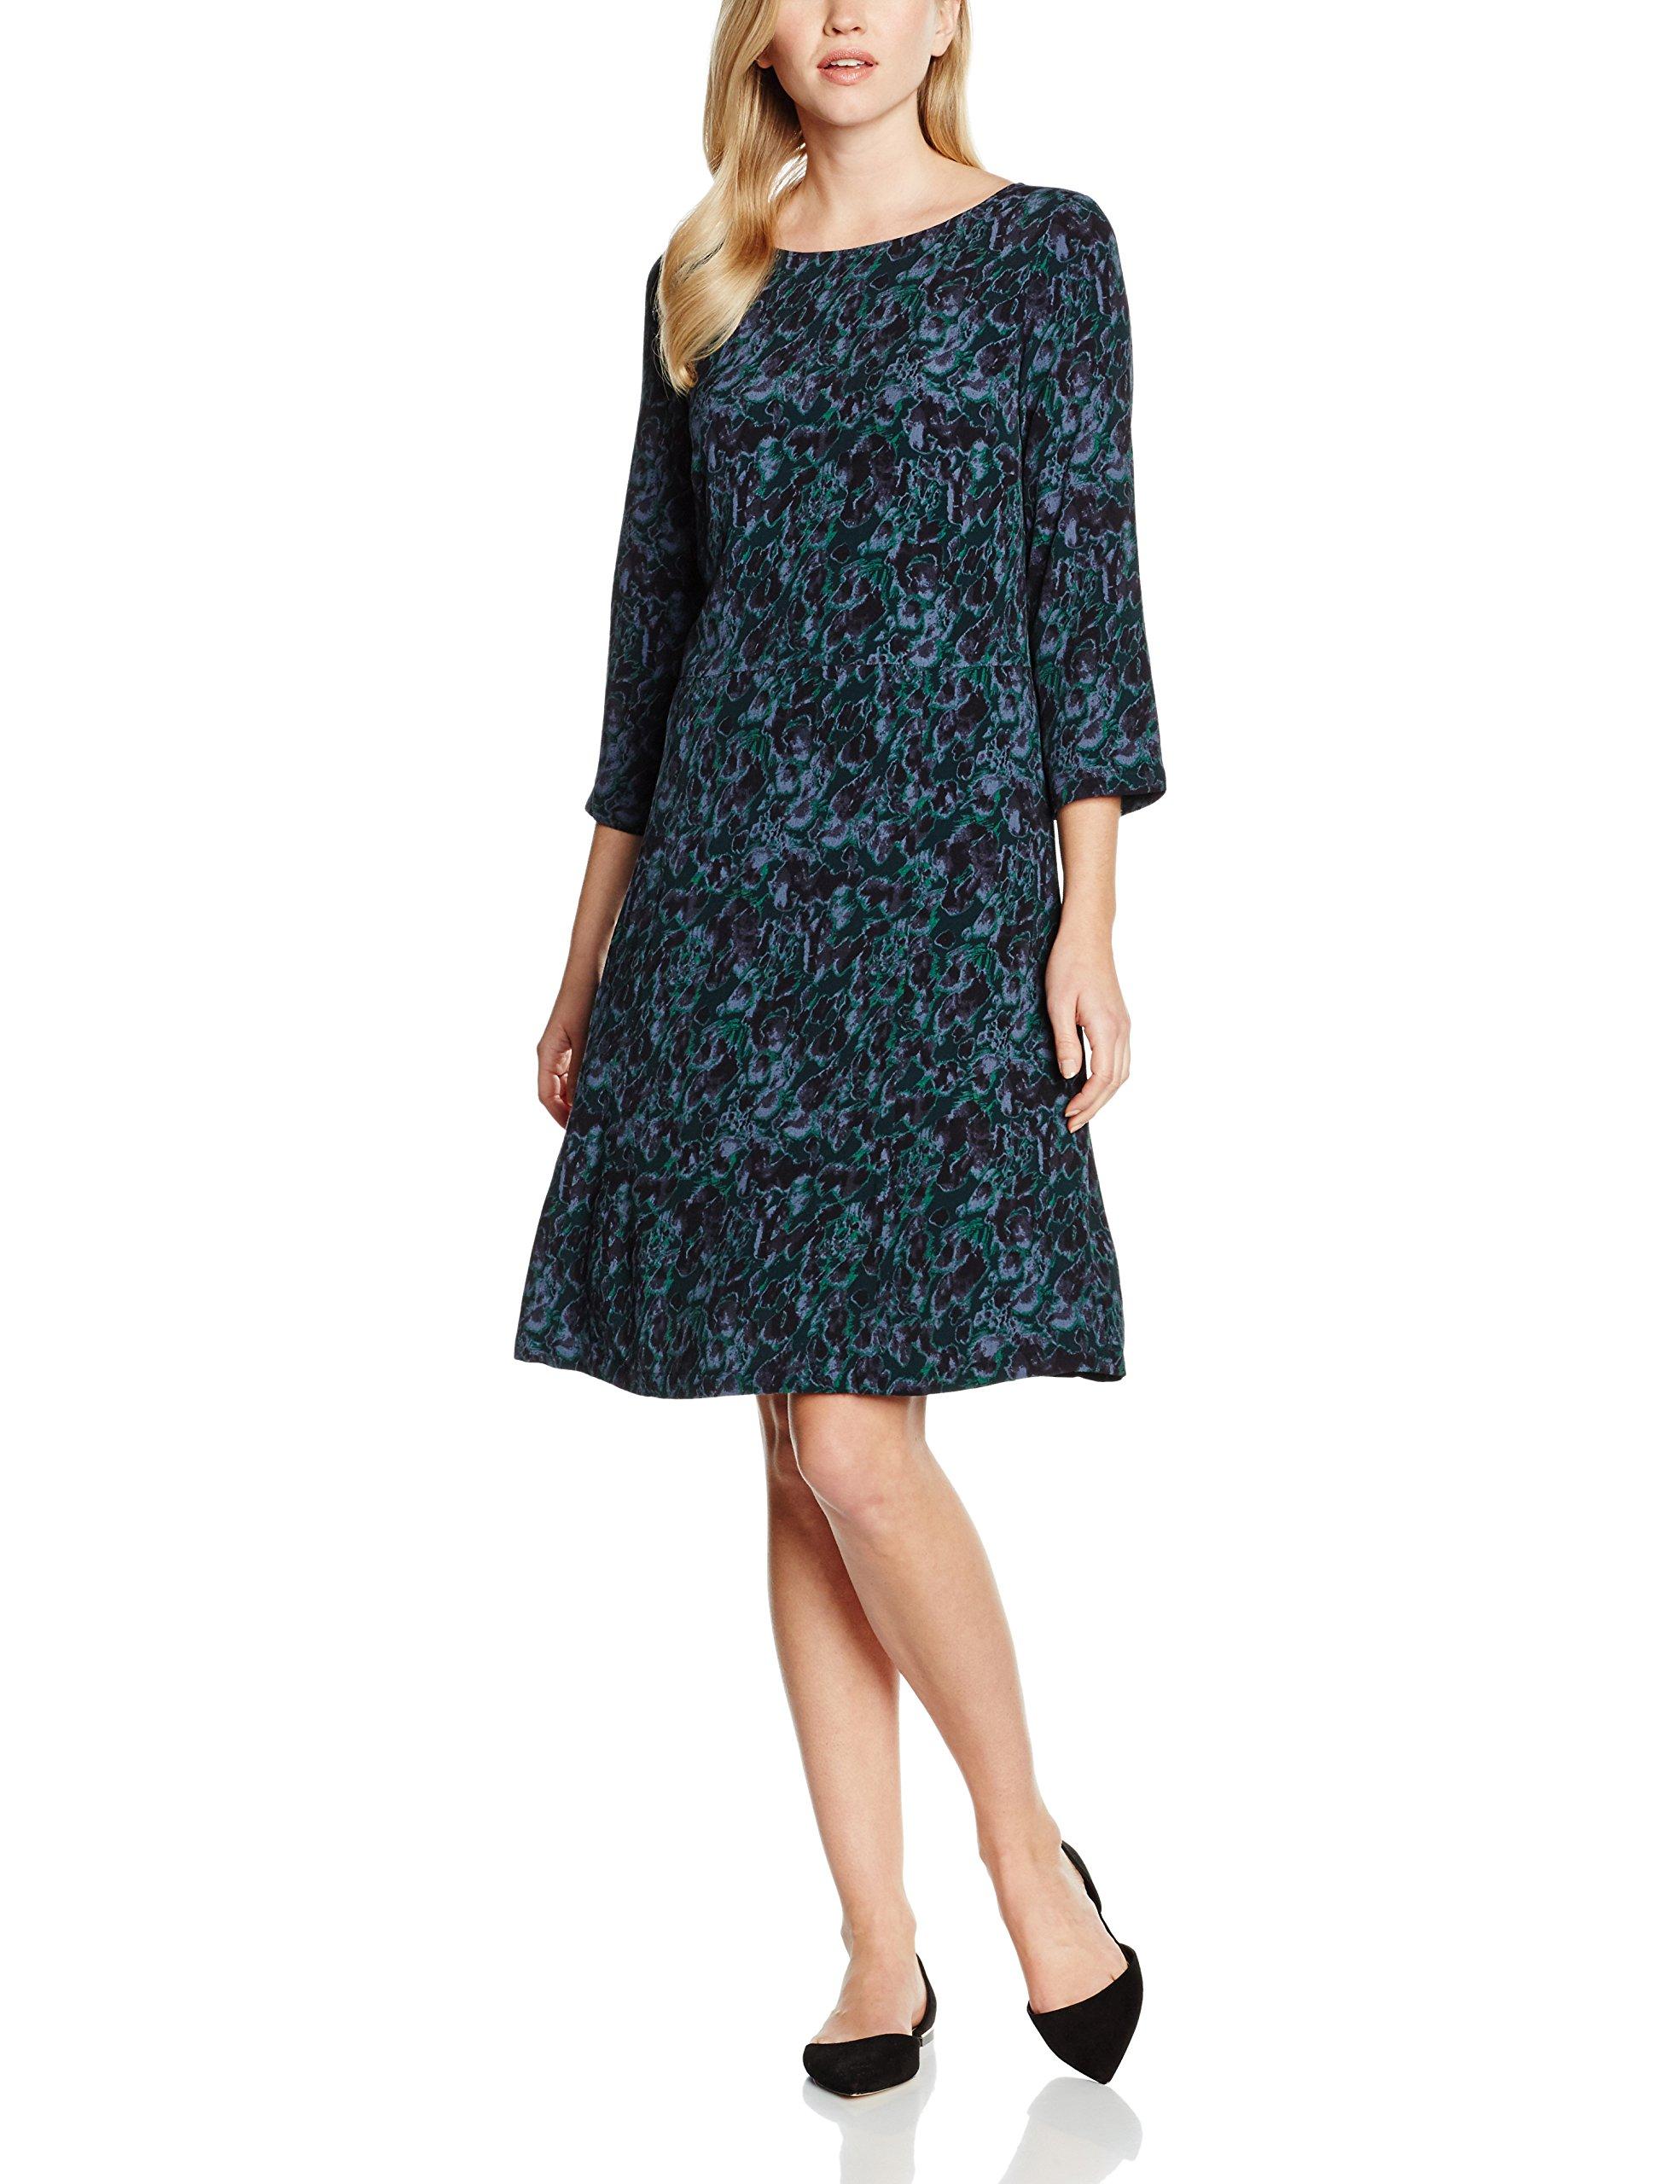 RobeMulticoloredark Multicolor Forest Kleid 368838 Femme Moreamp; OiPkuZX